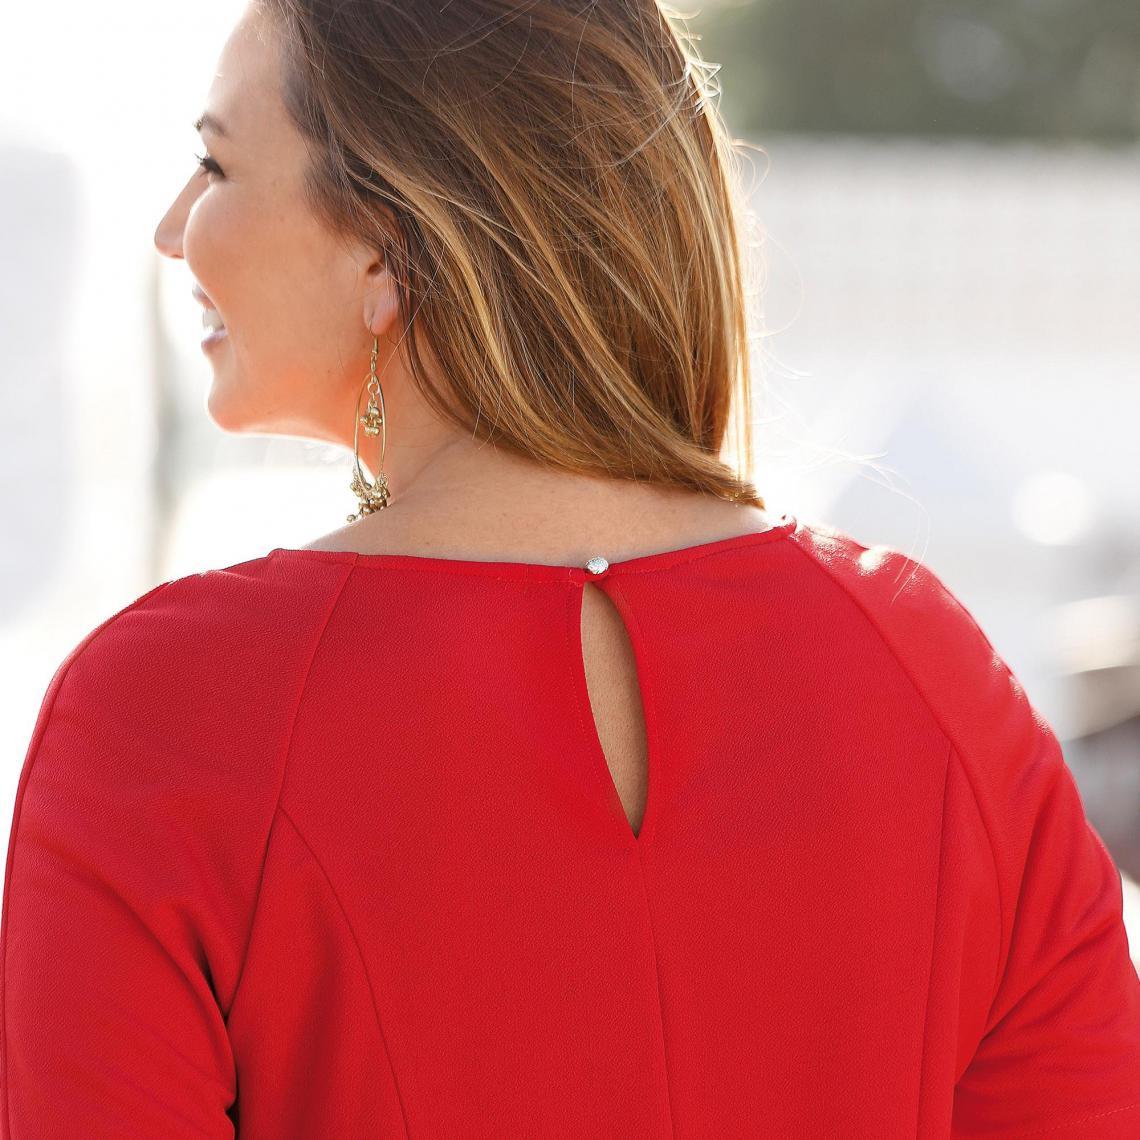 b37a071c87f Robe unie cintrée évasée manches aux coudes femme - Rouge